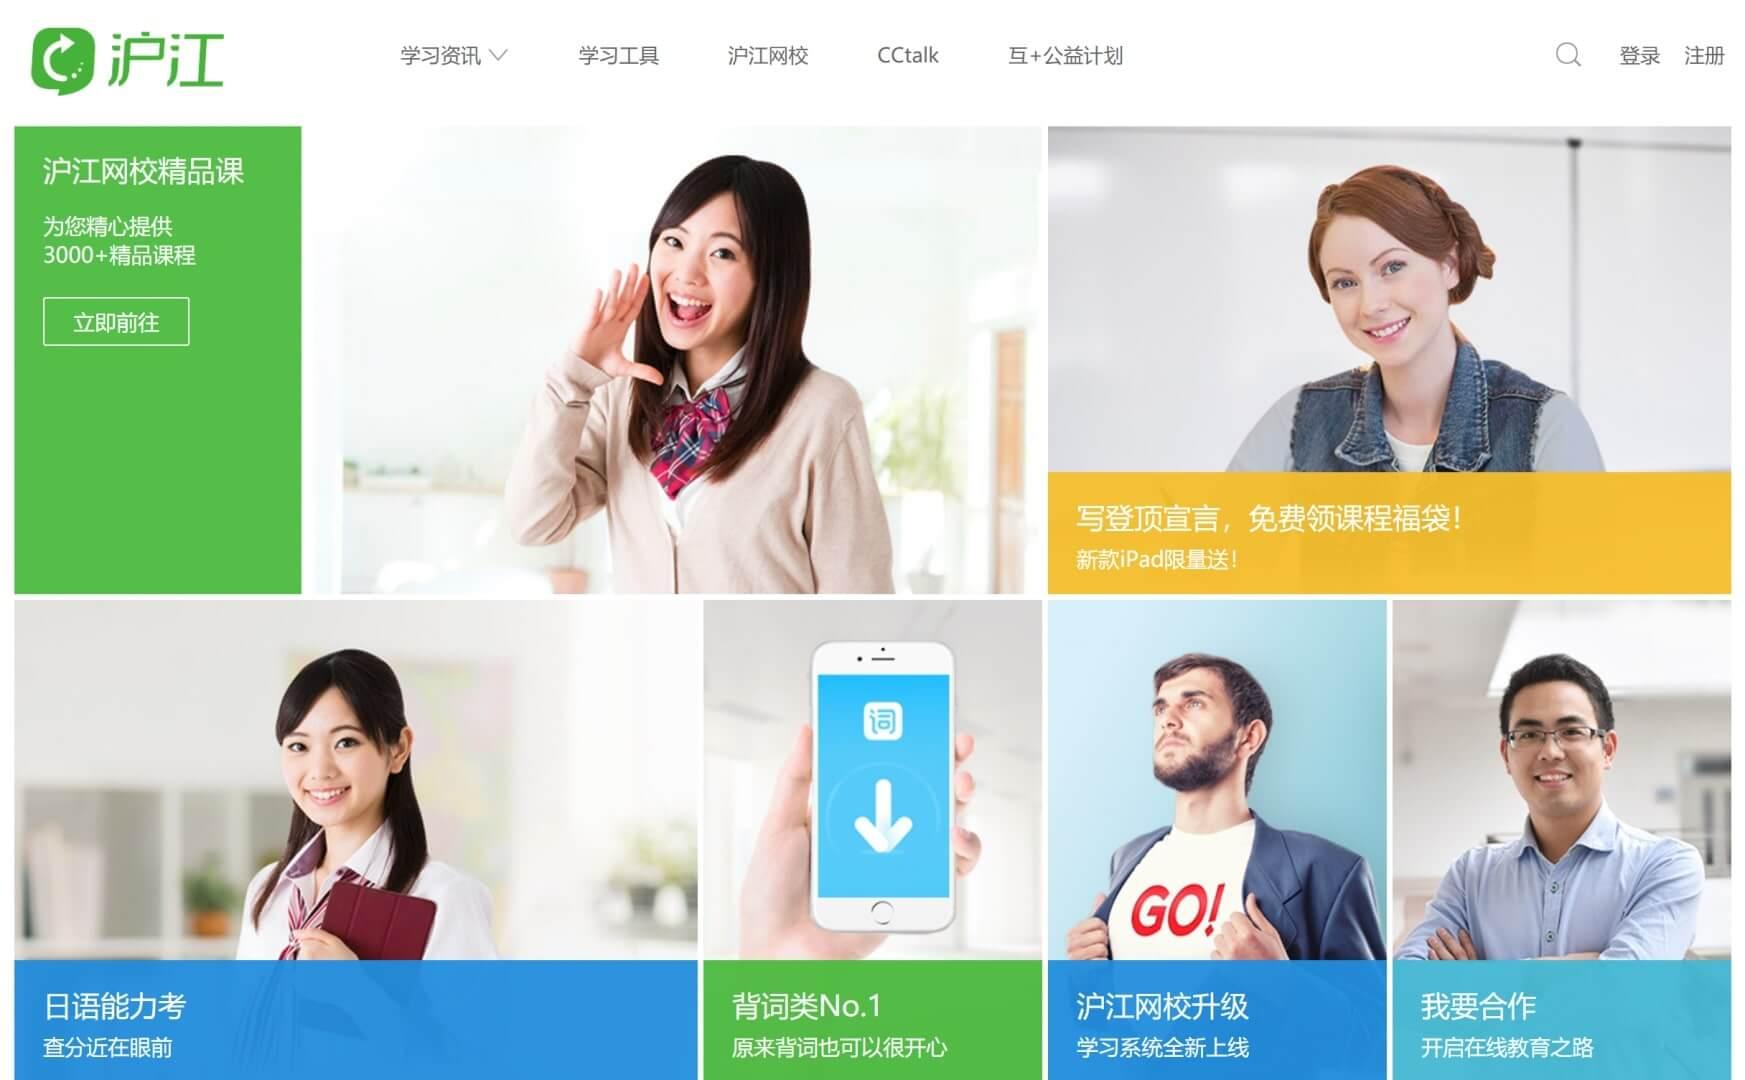 Hujiang Education Technologies